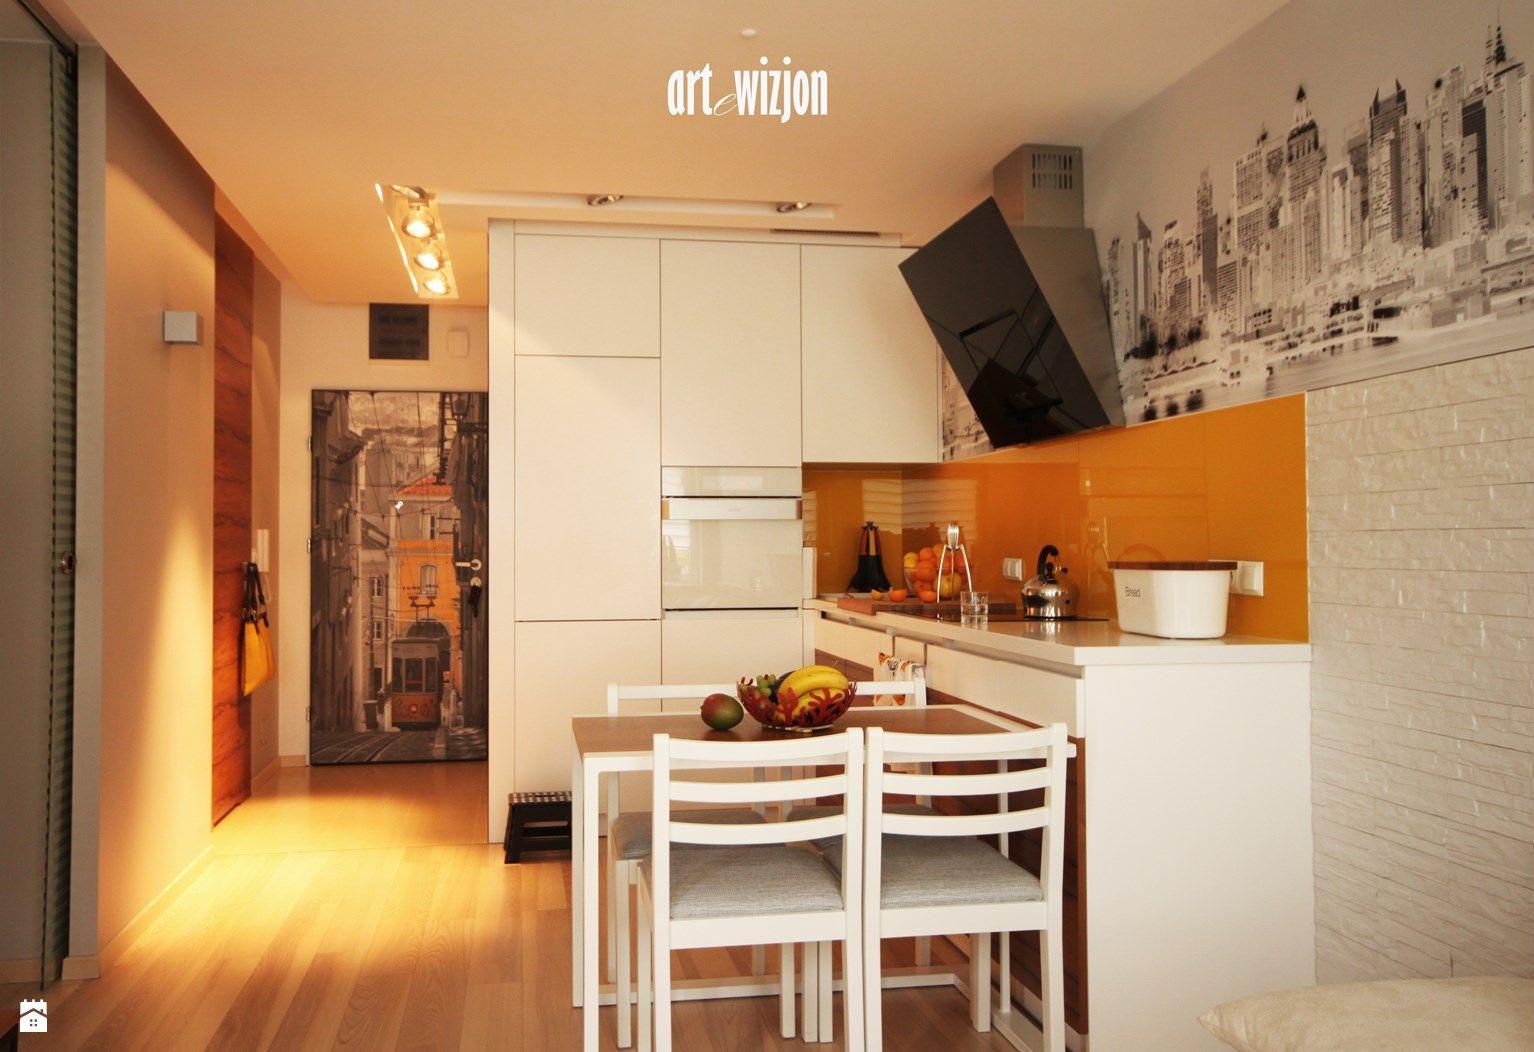 Lizbona kuchnia - zdjęcie od Artewizjon - Kuchnia - Styl Nowoczesny - Artewizjon